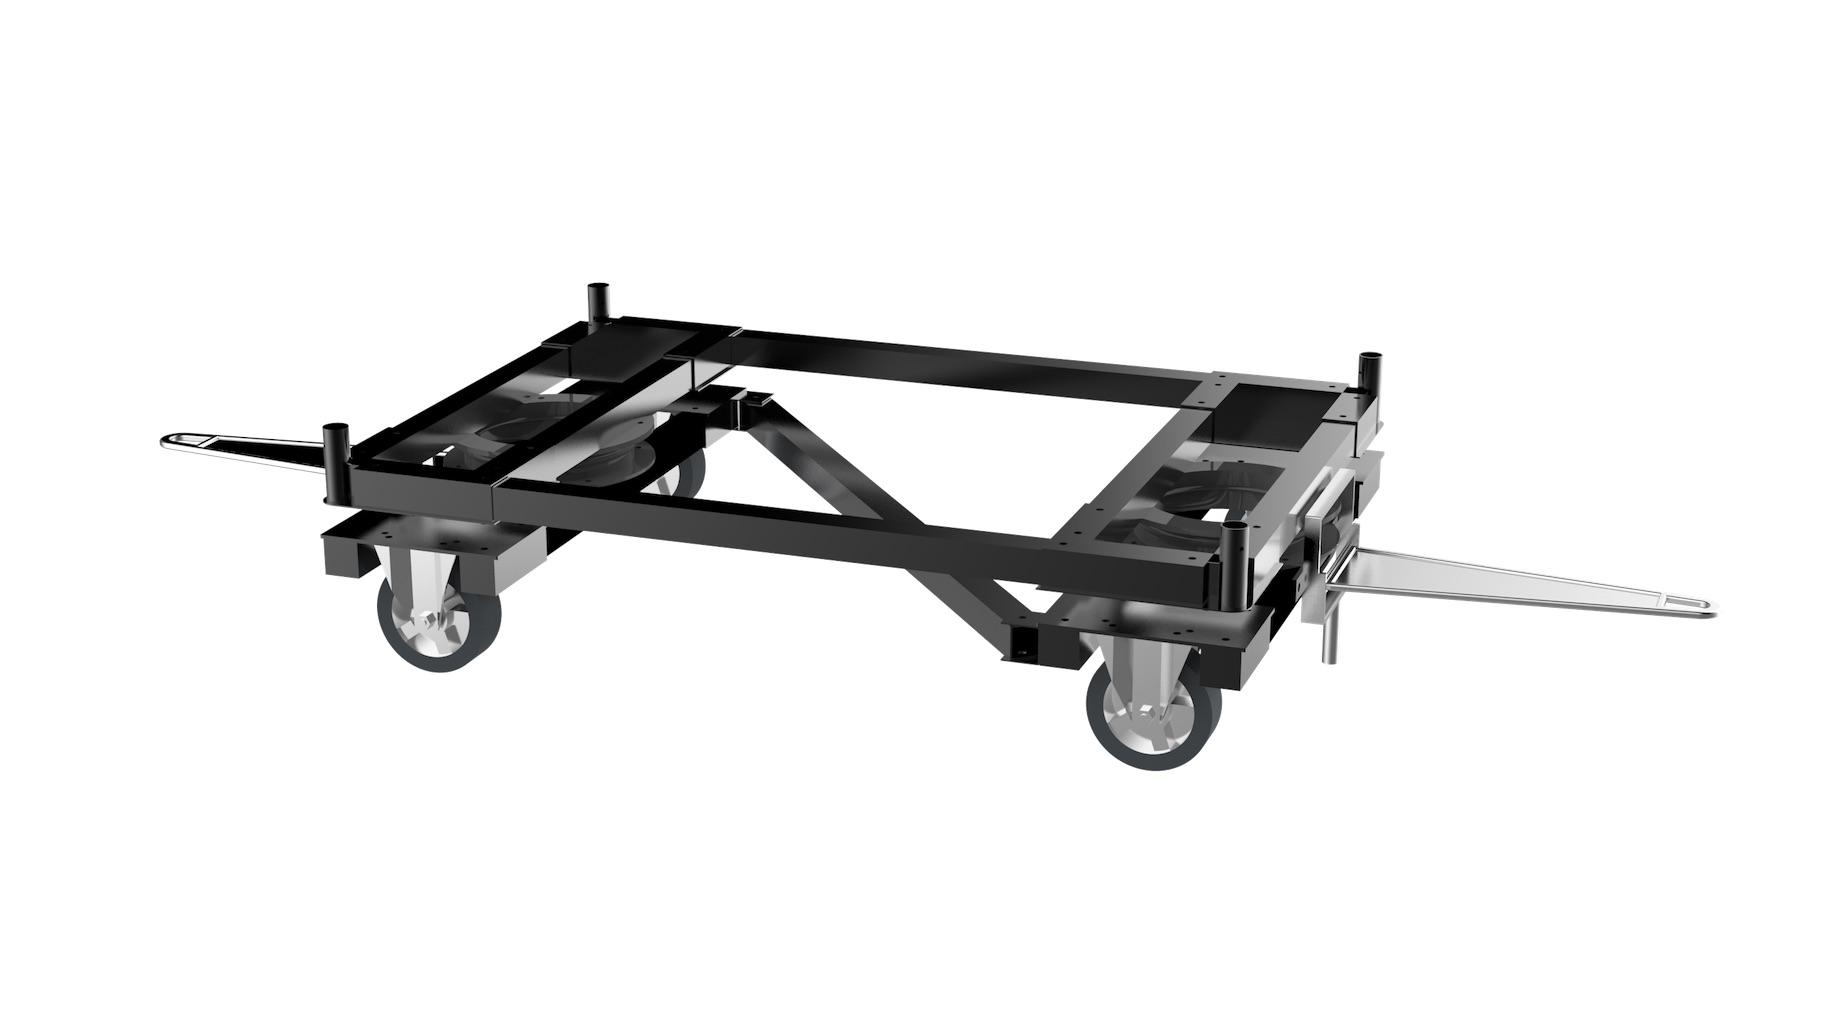 Aéronautique - Embase métallique monotrace double sens, offrant une grande maniabilité. L'embase peut être utilisée seule ou surmontée d'une structure type : chariot, flow rack…